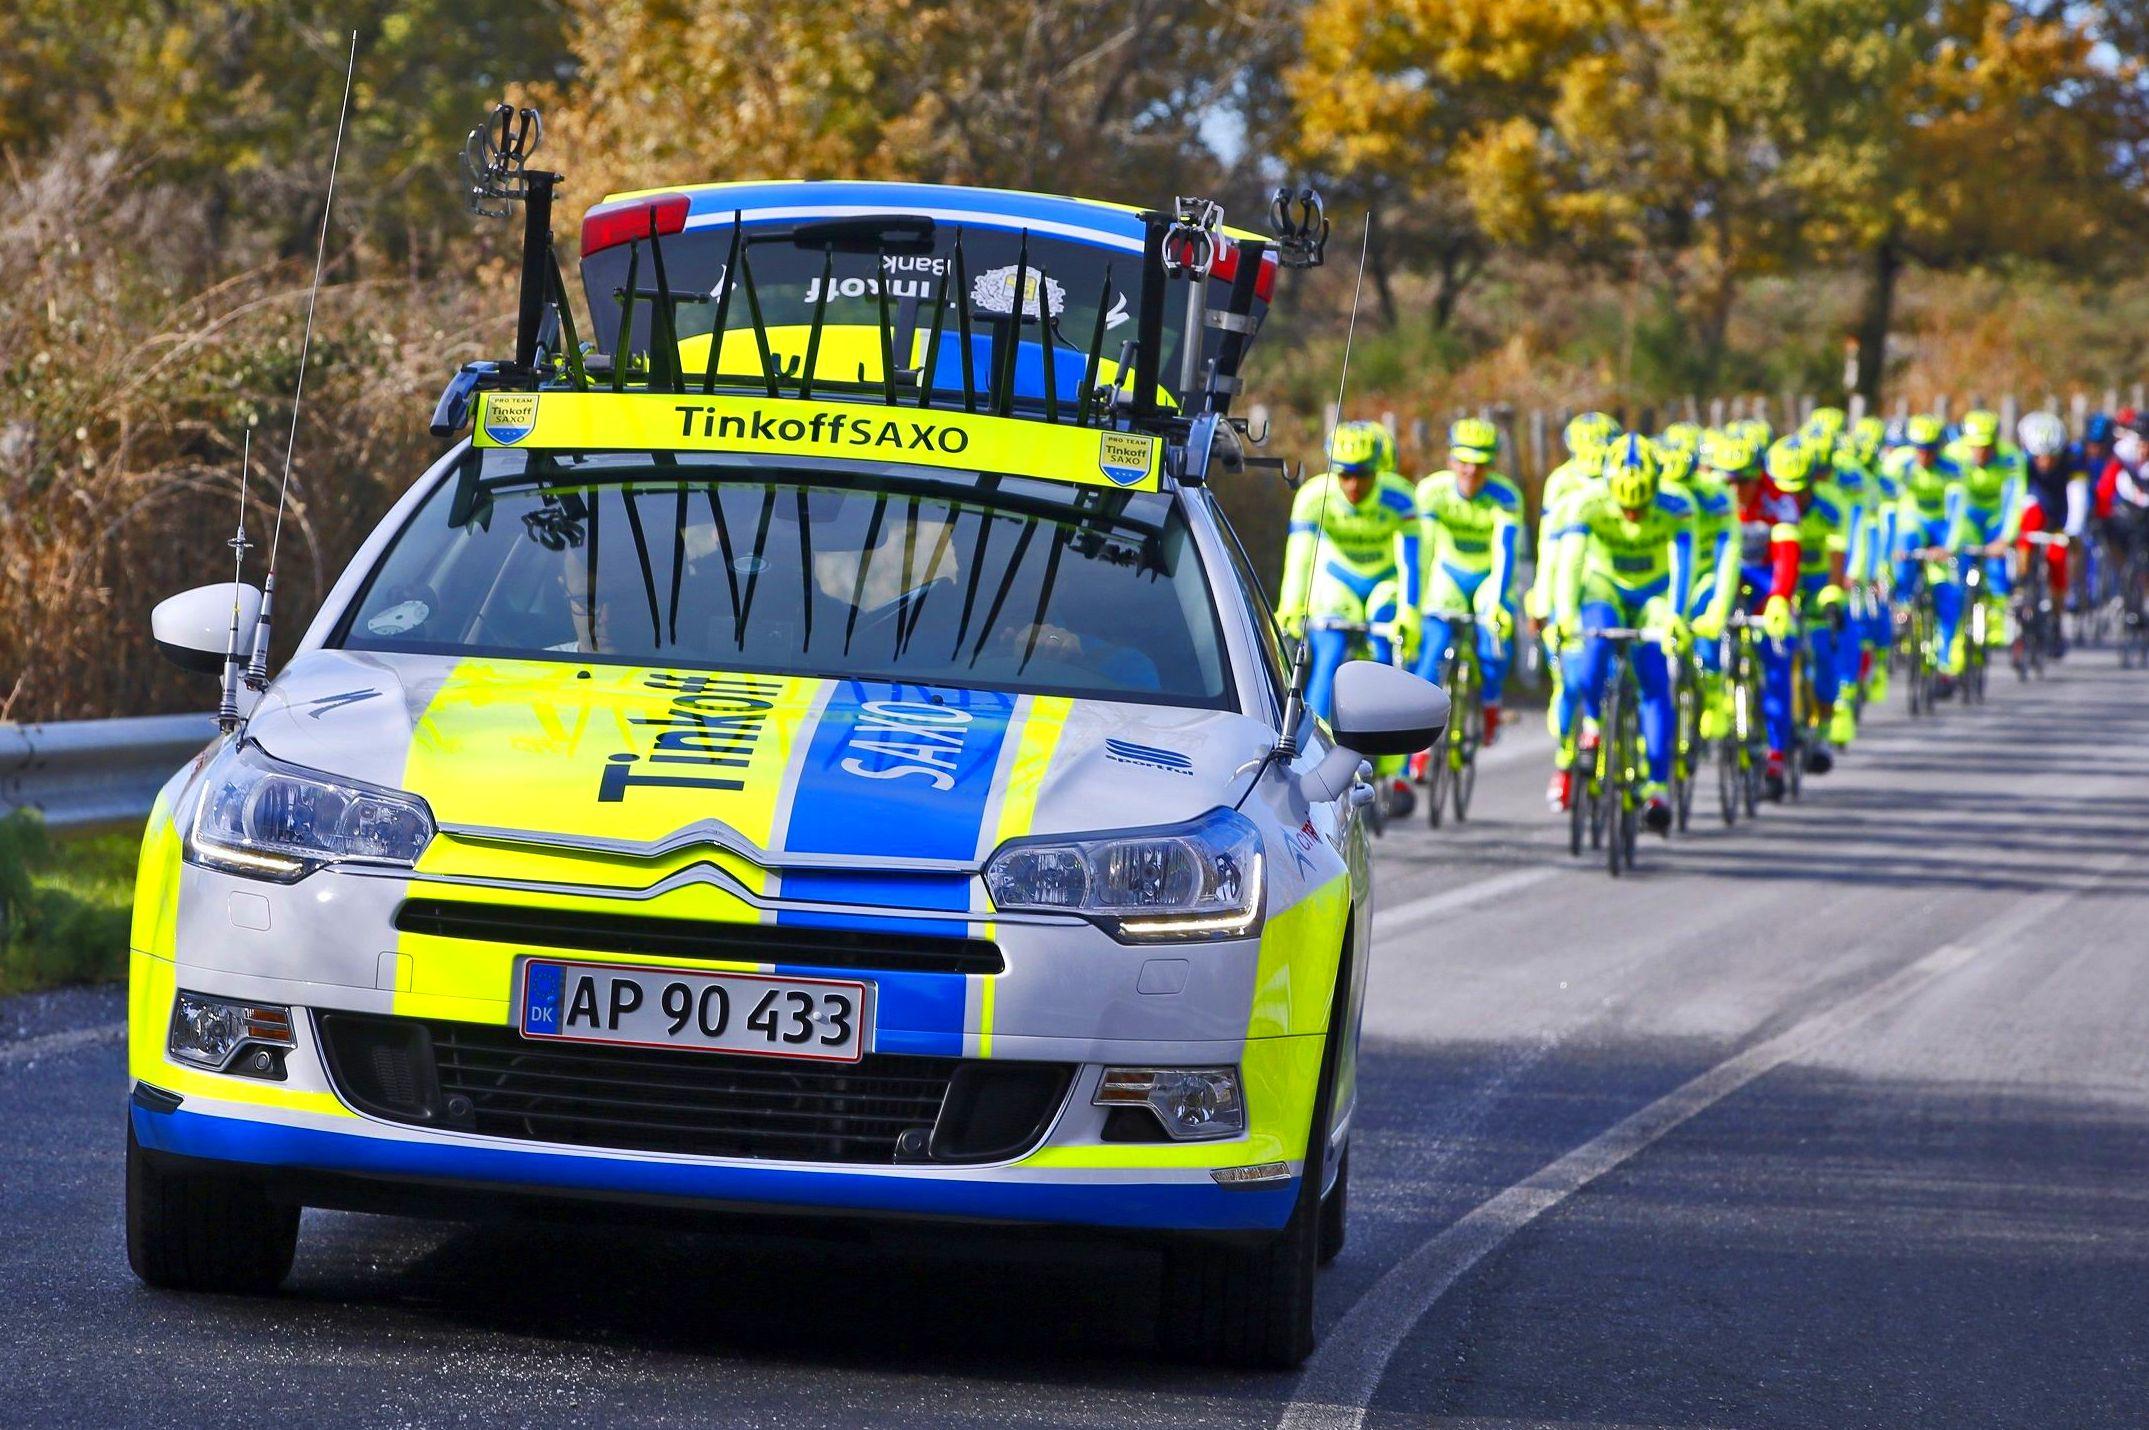 Citroën con Alberto Contador y su equipo Tinkoffsaxo  TOUR DE FRANCIA 2015